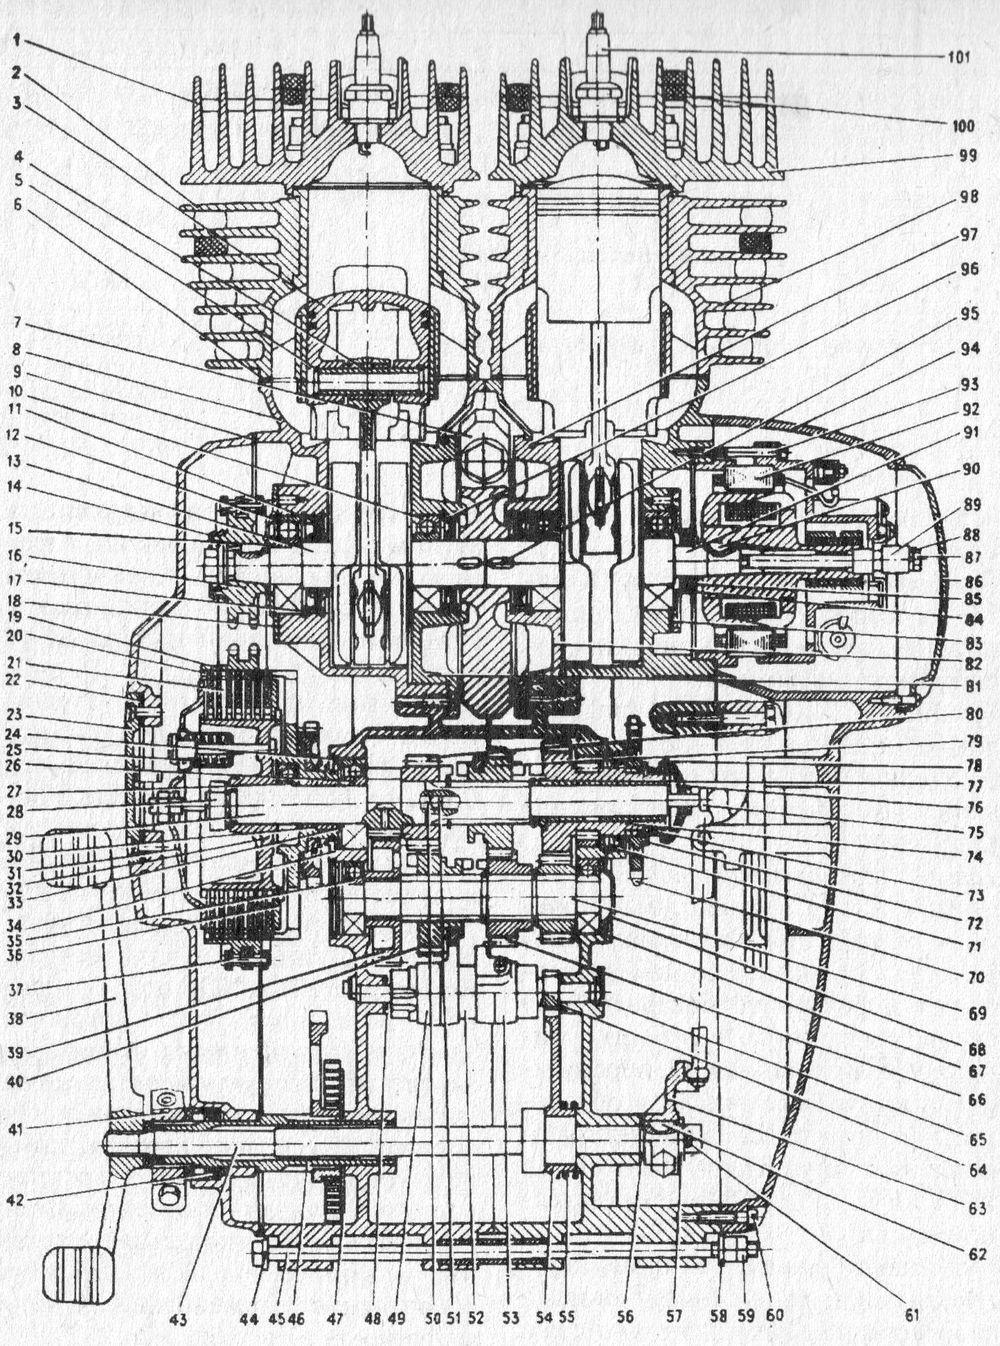 Конструкции двигателя Юпитер 5 с муфтой сцепления и коробкой передан (в разрезе).